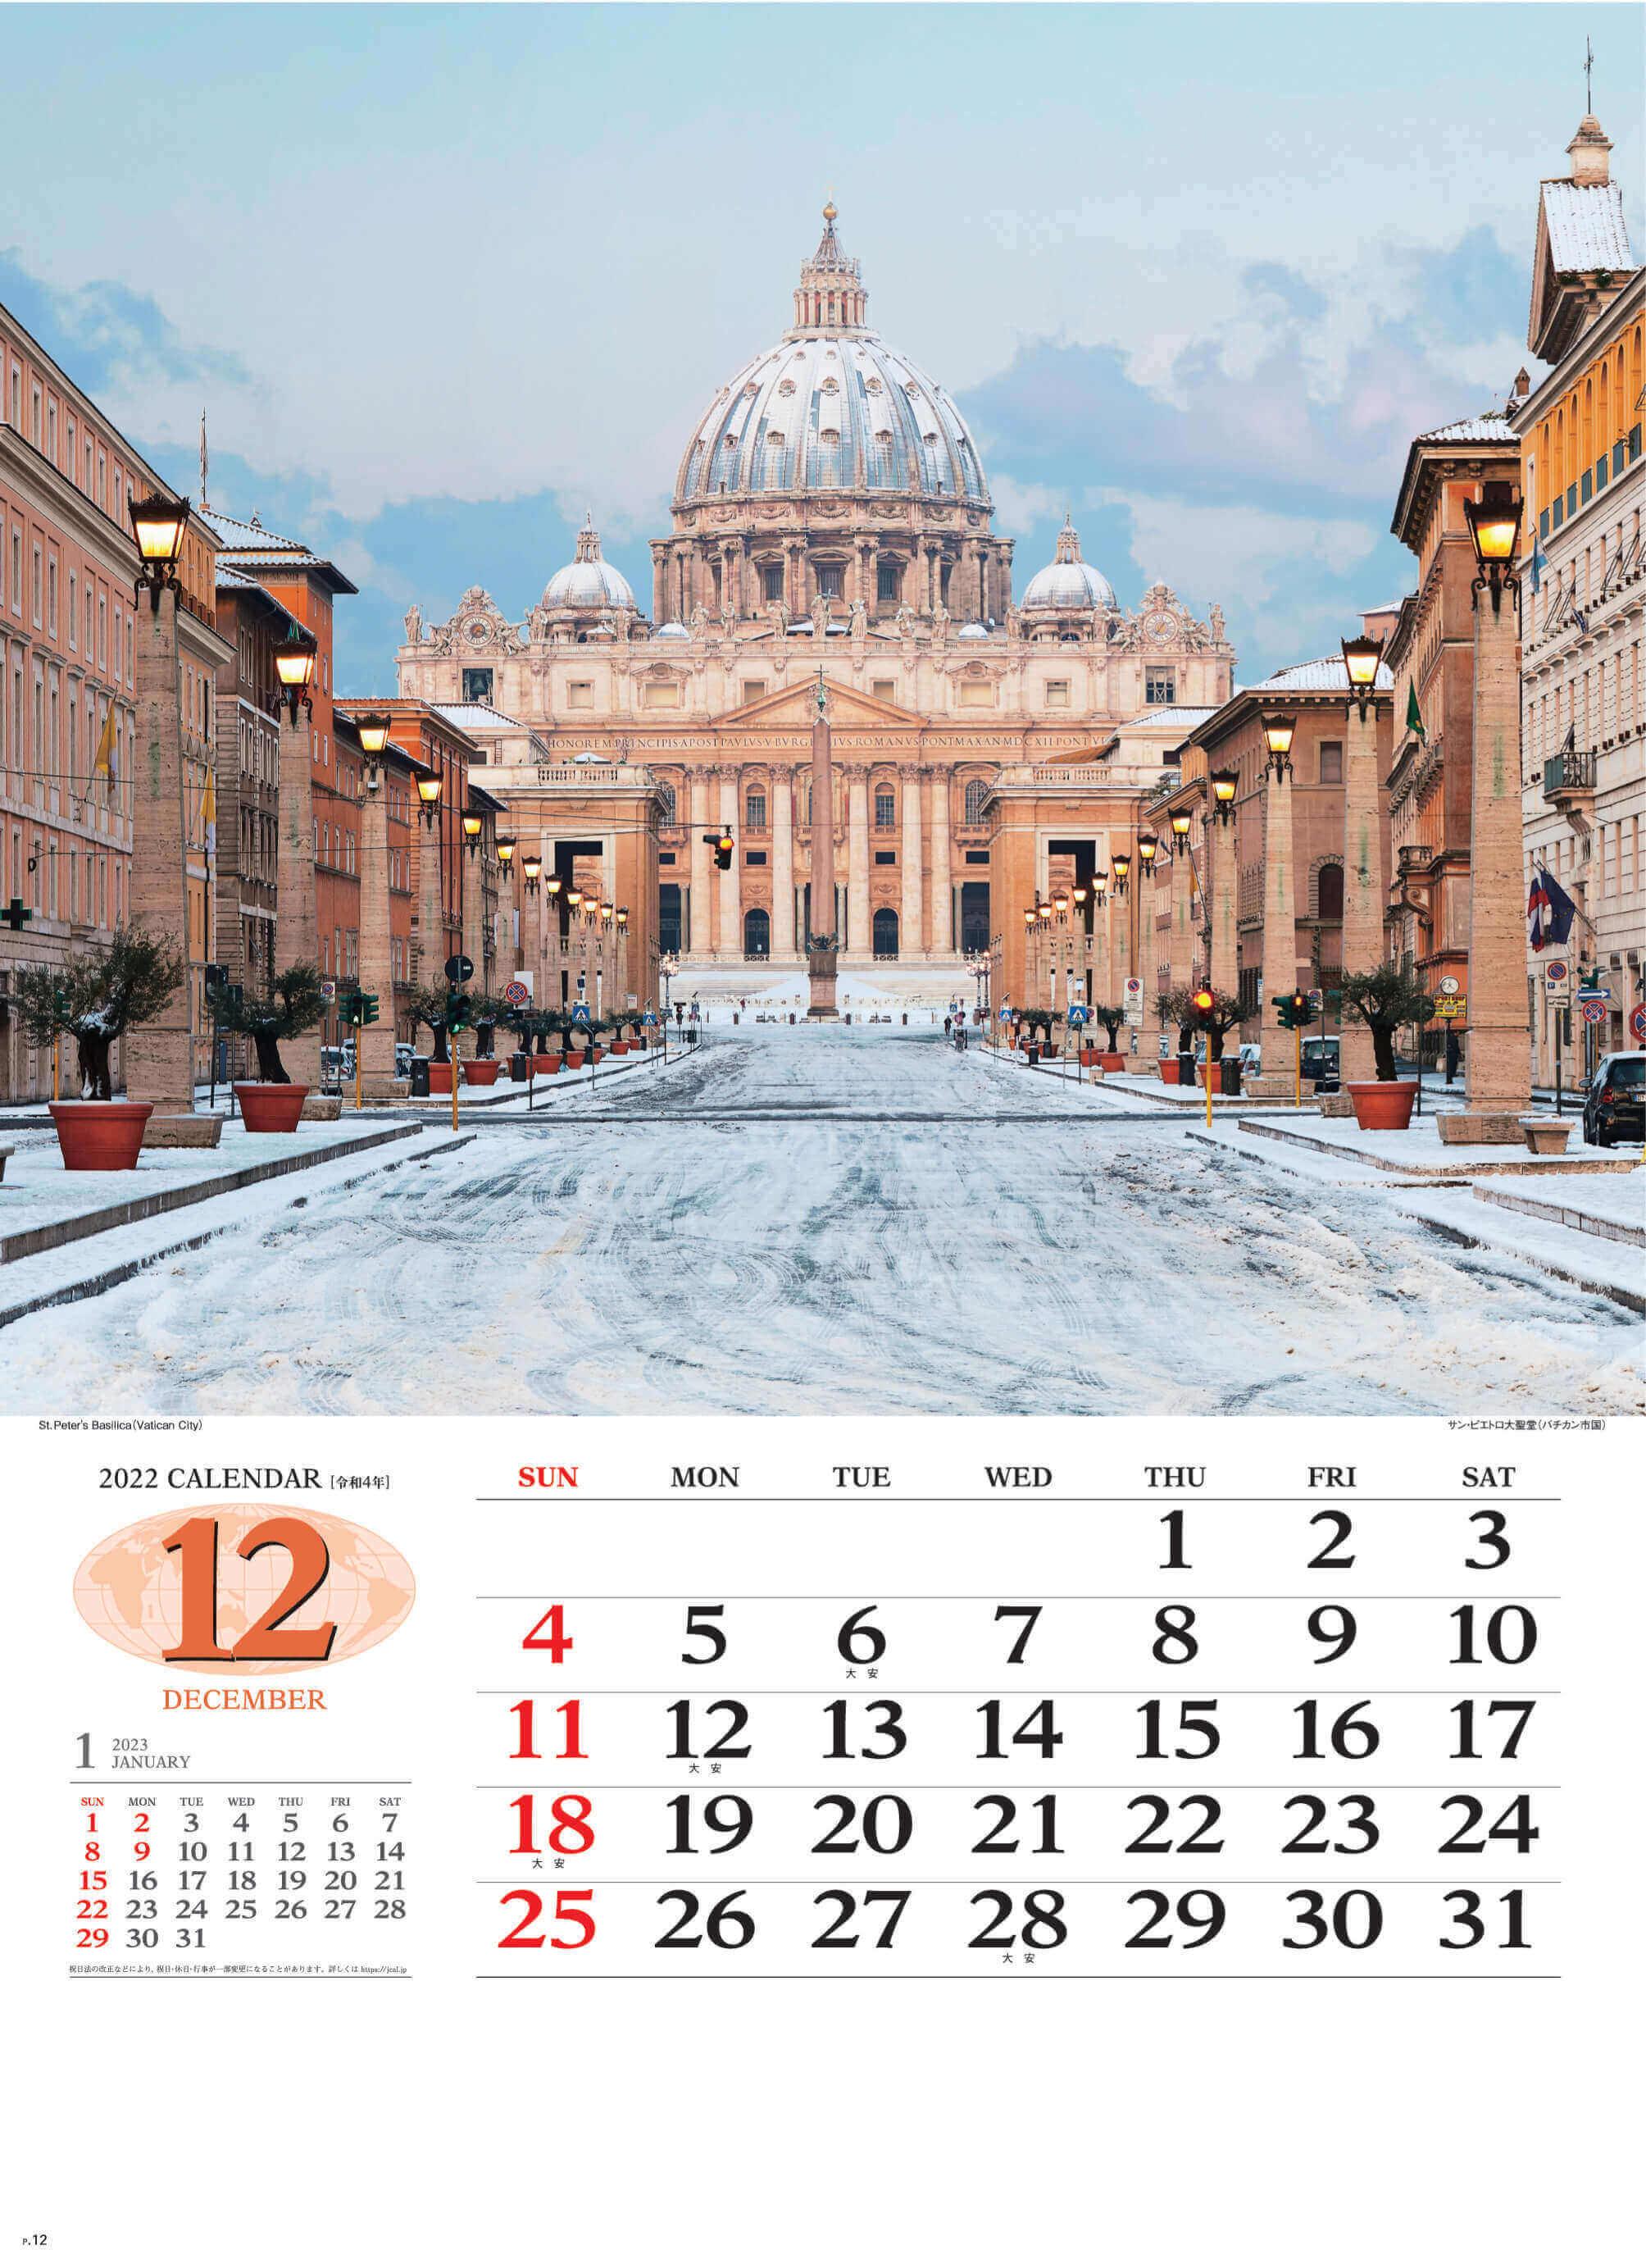 12月 サン・ピエトロ大聖堂 バチカン市国 世界の景観 2022年カレンダーの画像